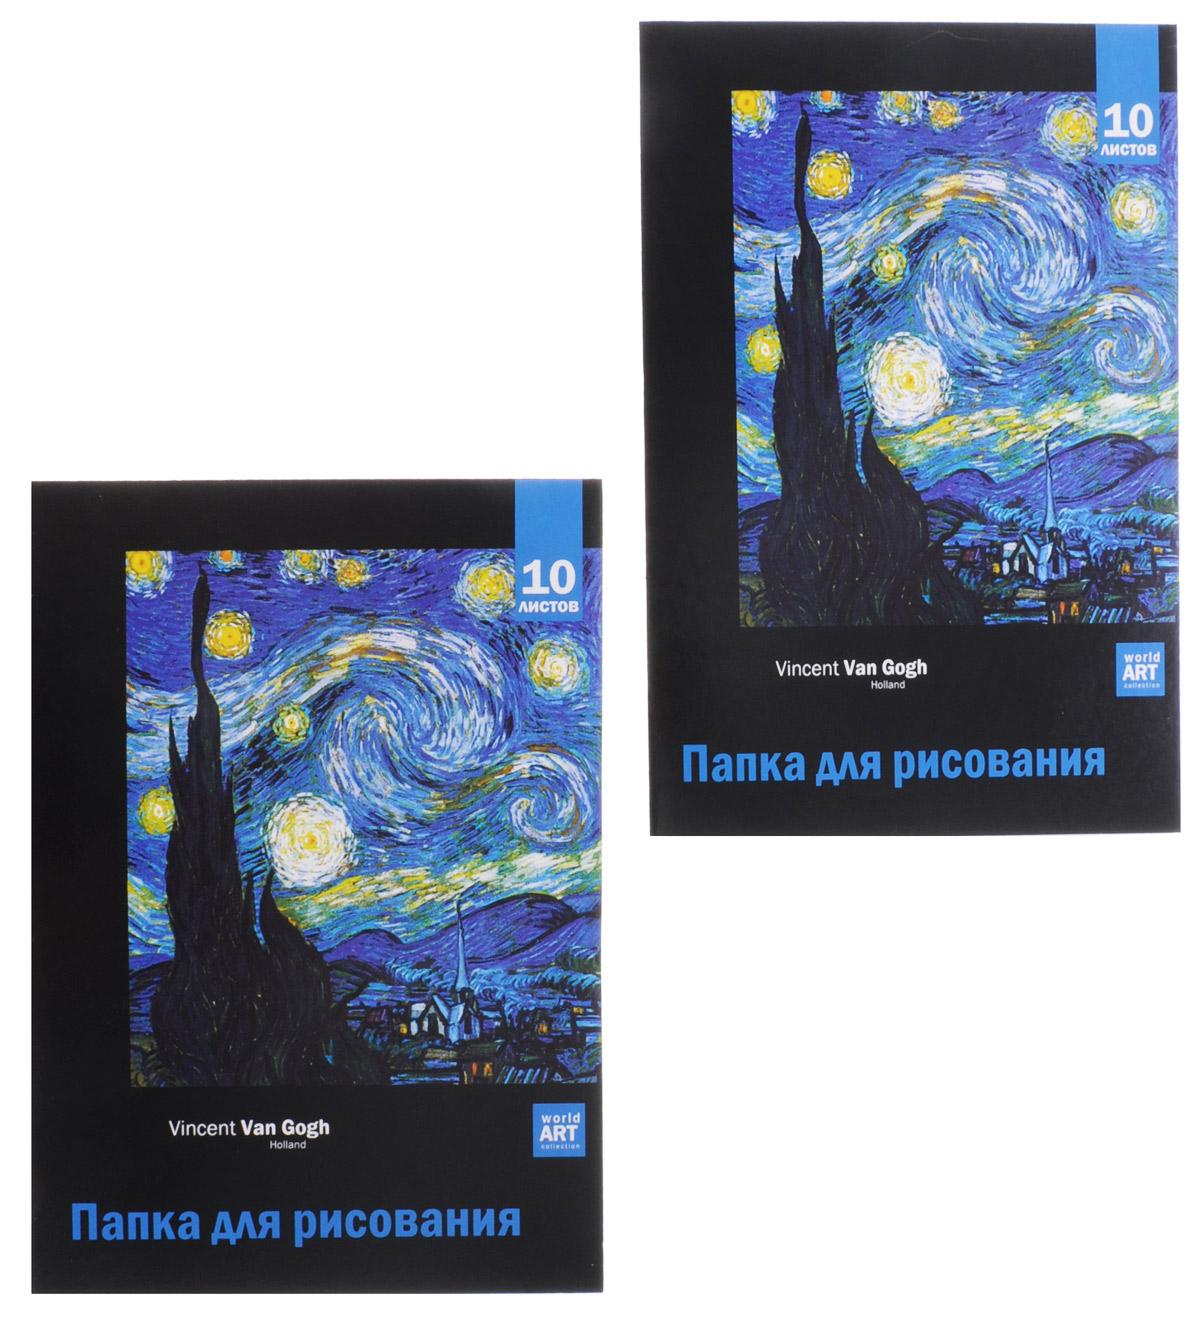 Action! Папка для рисования Vincent Van Gogh 10 листов 2 шт AFDS-4/10-2AFDS-4/10-2Папка для рисования Action! Vincent Van Gogh предназначена для эскизов и рисования. Подходит для работ карандашами, пастелью, углем. Обложка - высококачественный мелованный картон с красочным изображением творчества Ван Гога. Бумажные листы удобно хранить в папке, которая надежно защитит их от повреждений. Одна папка содержит 10 листов бумаги. В набор входят две папки.